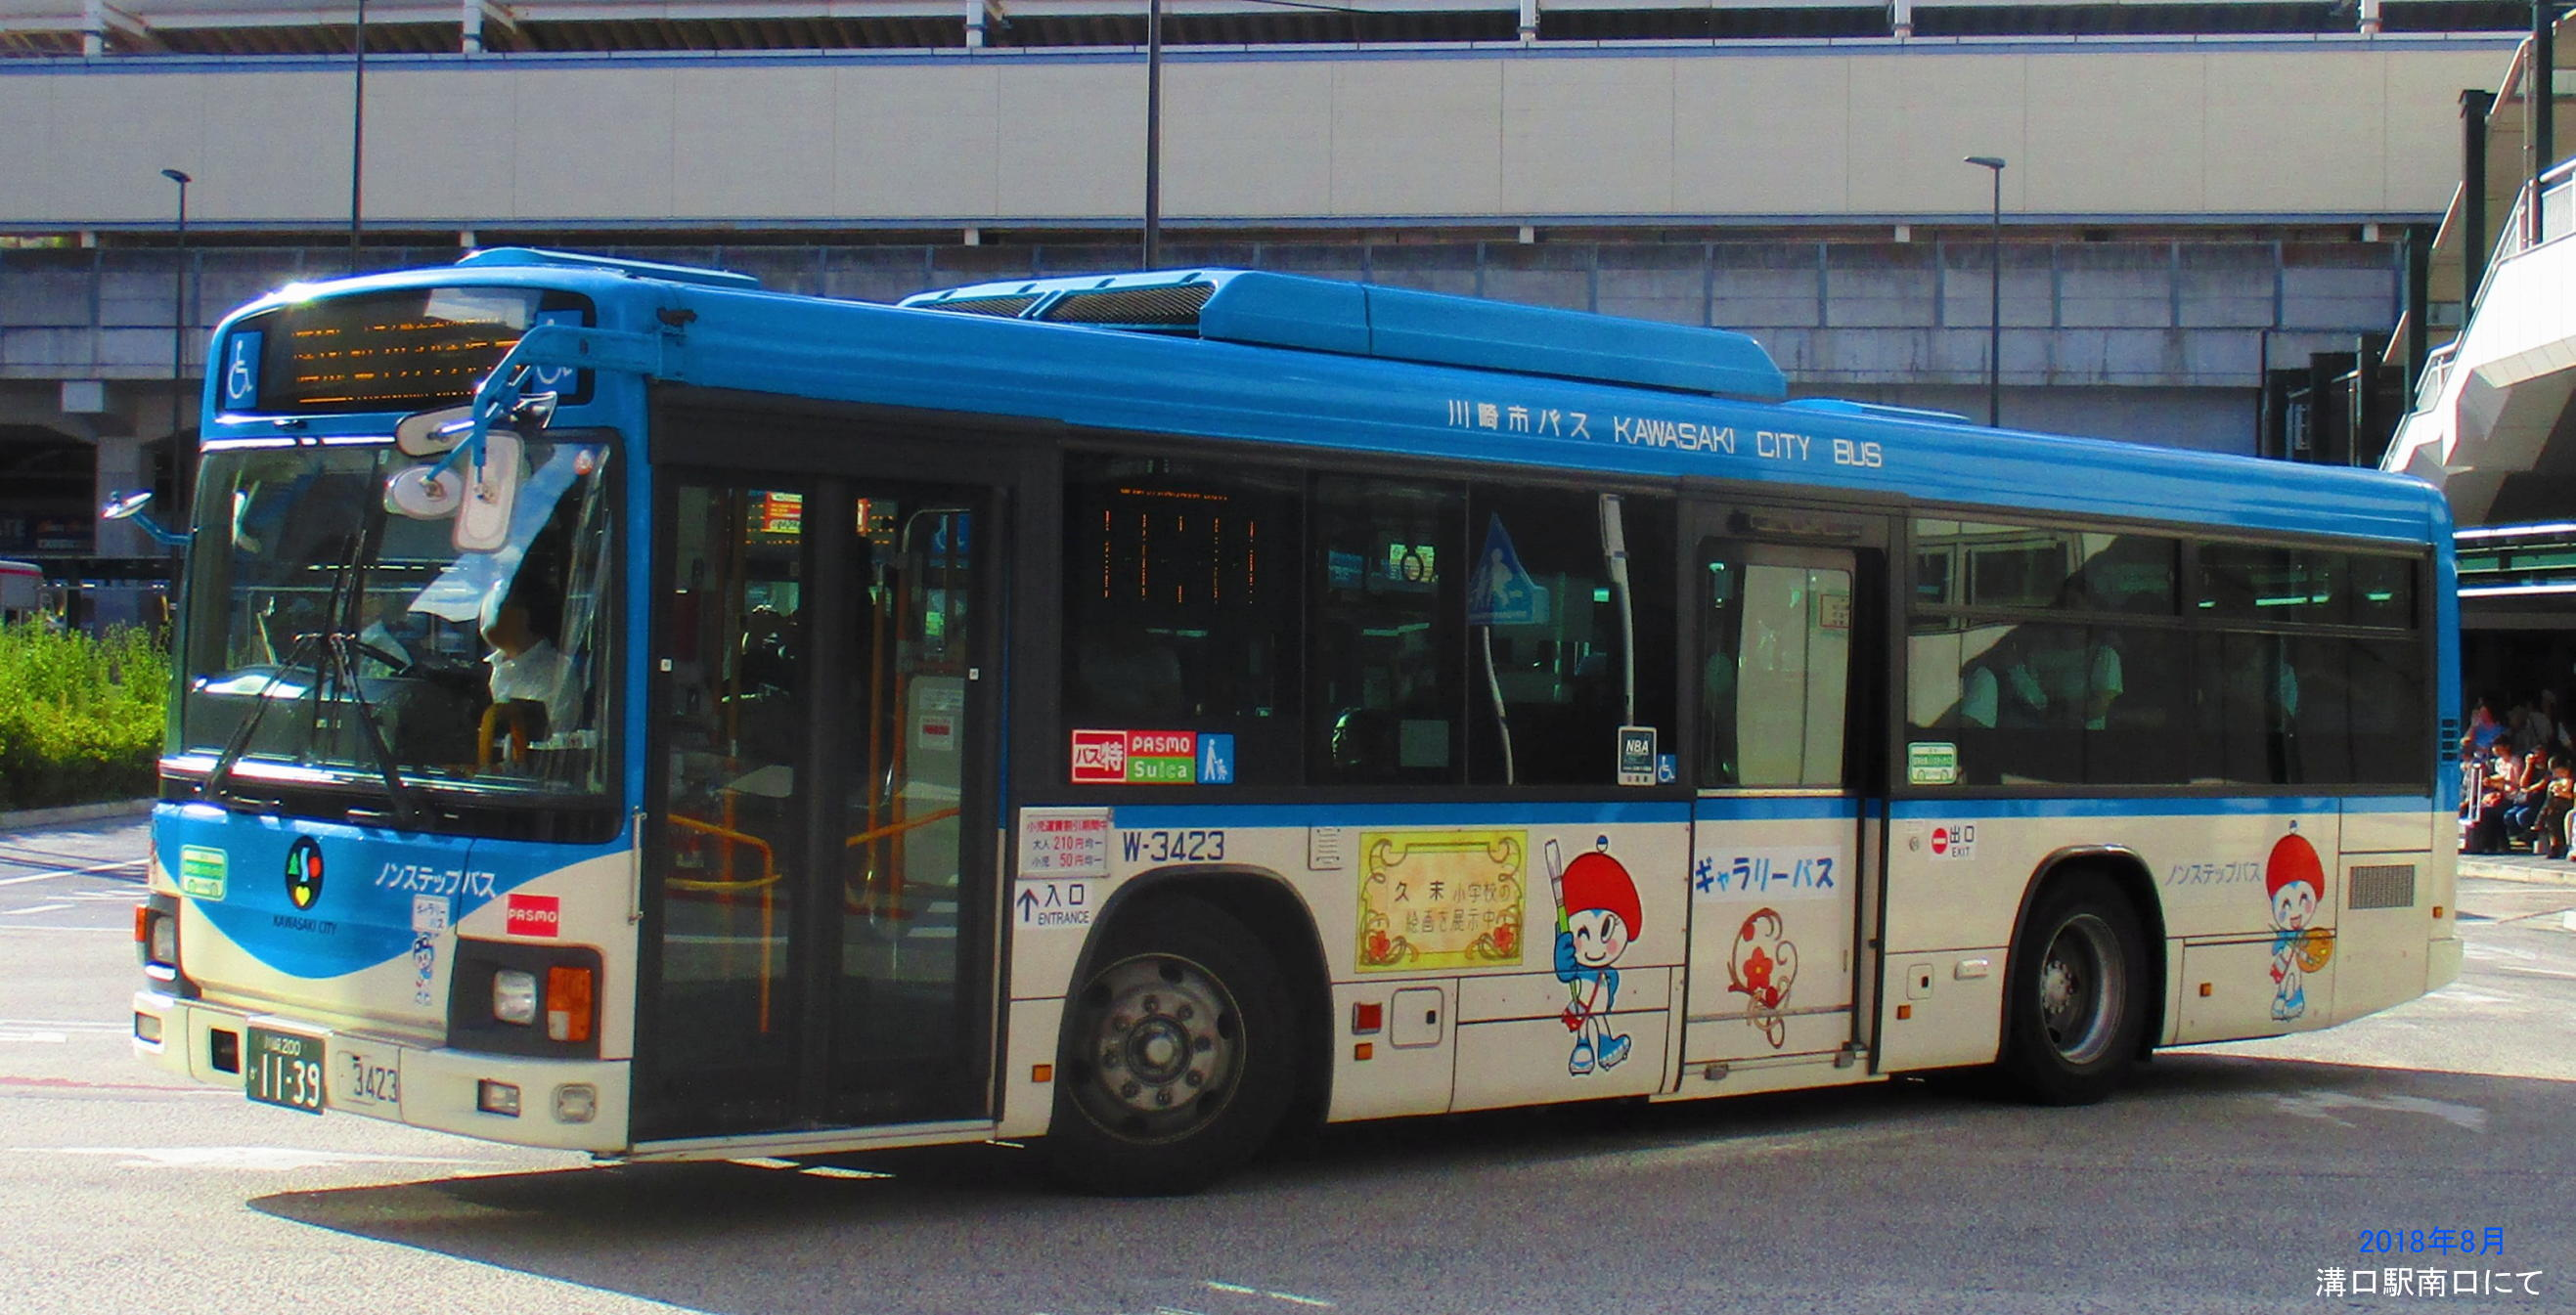 川崎市交通局 柿生線 - BUS LINE UP